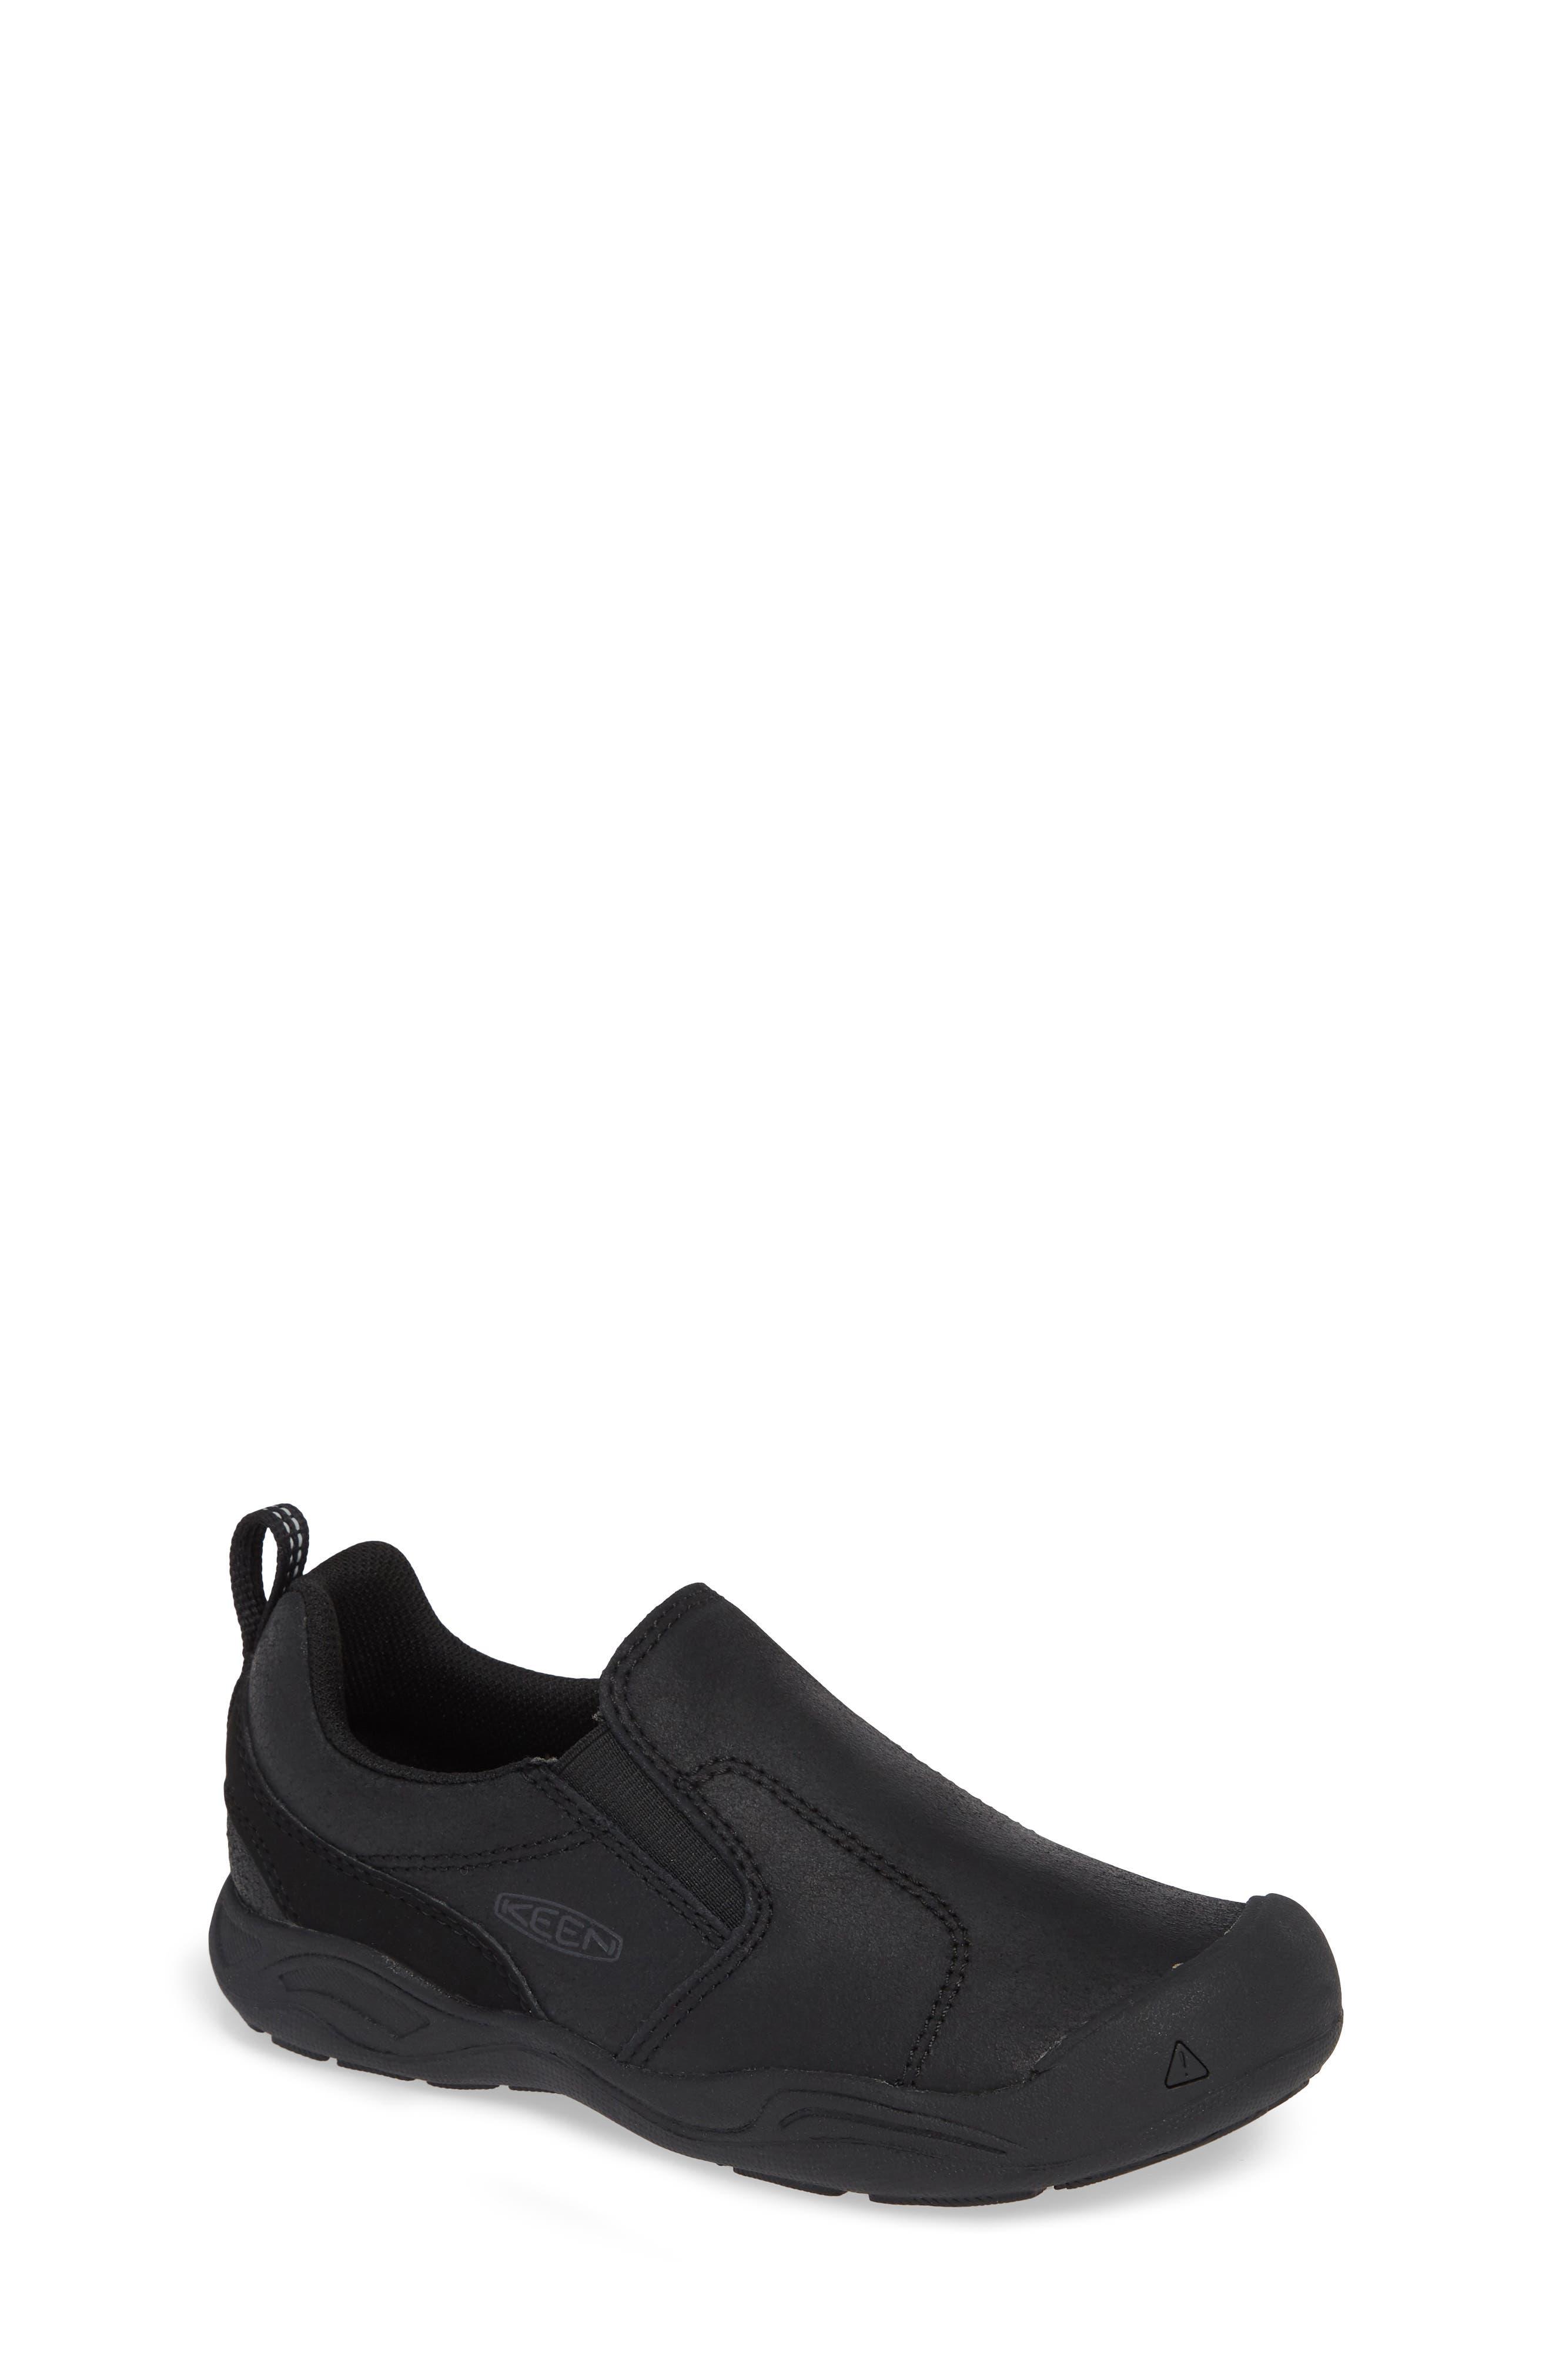 Jasper Slip-On Sneaker,                             Main thumbnail 1, color,                             BLACK/ RAVEN